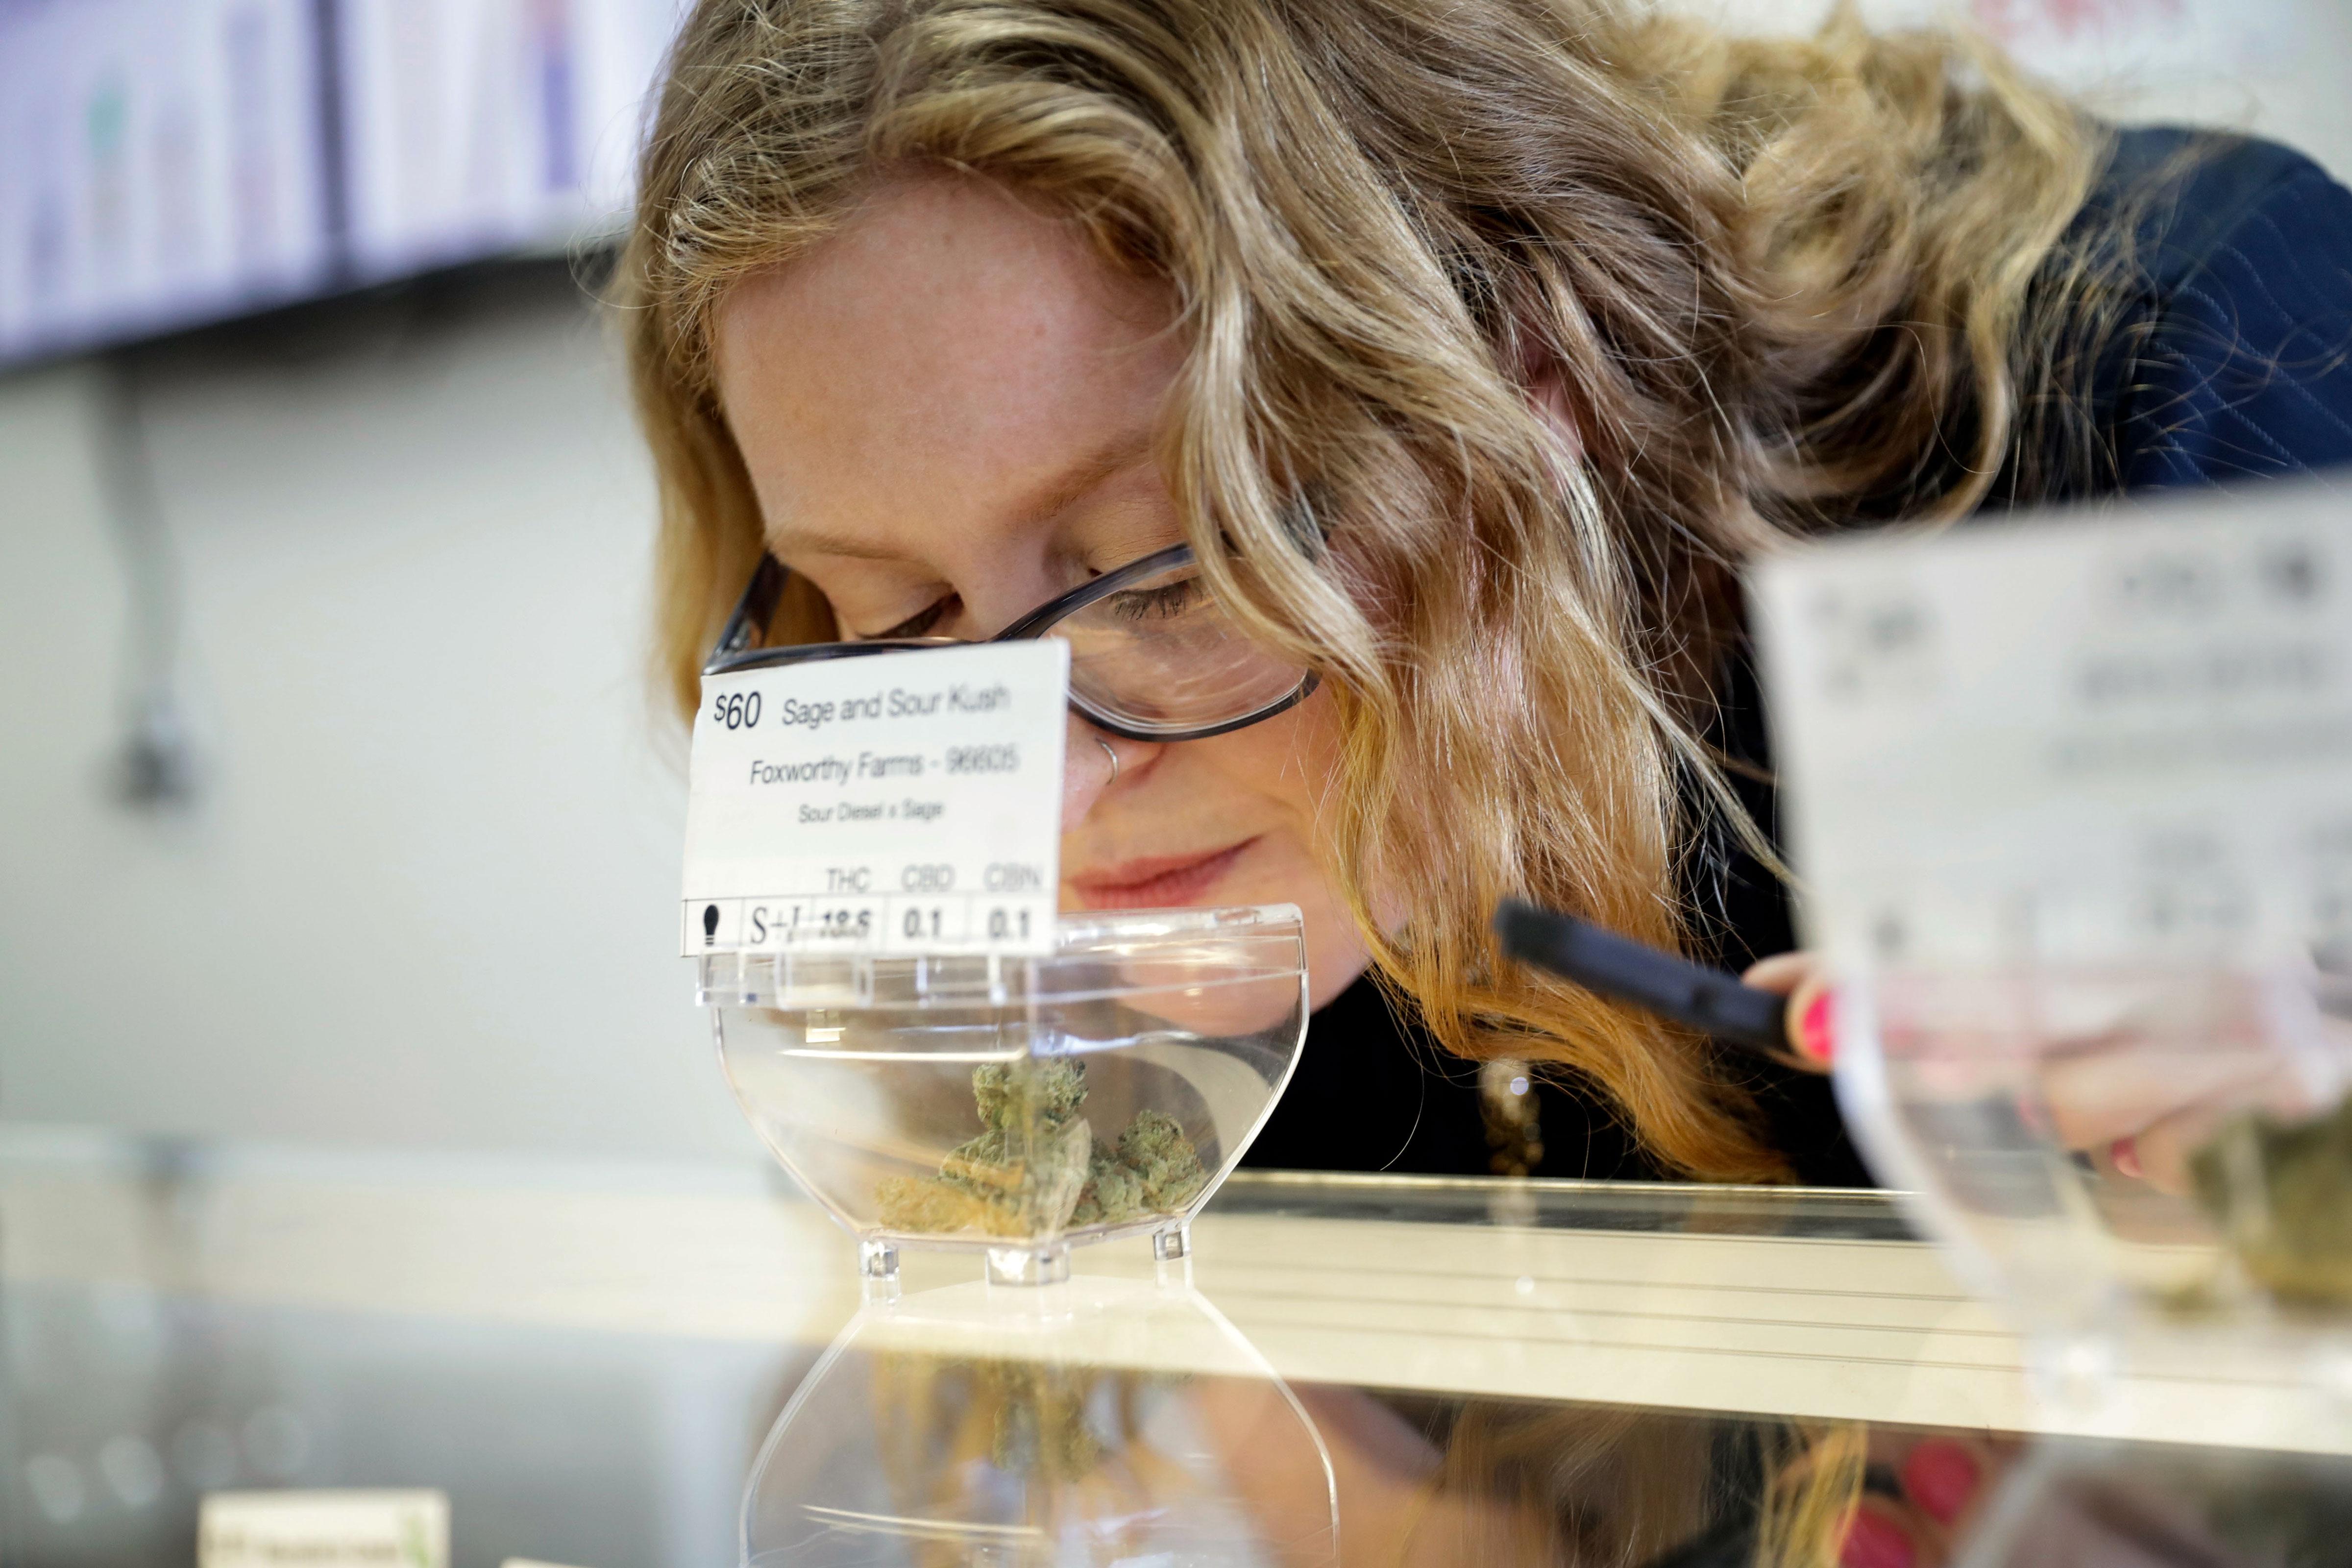 Photo: Women In Marijuana 2 | Shumacher Marijuana Smelling - AP